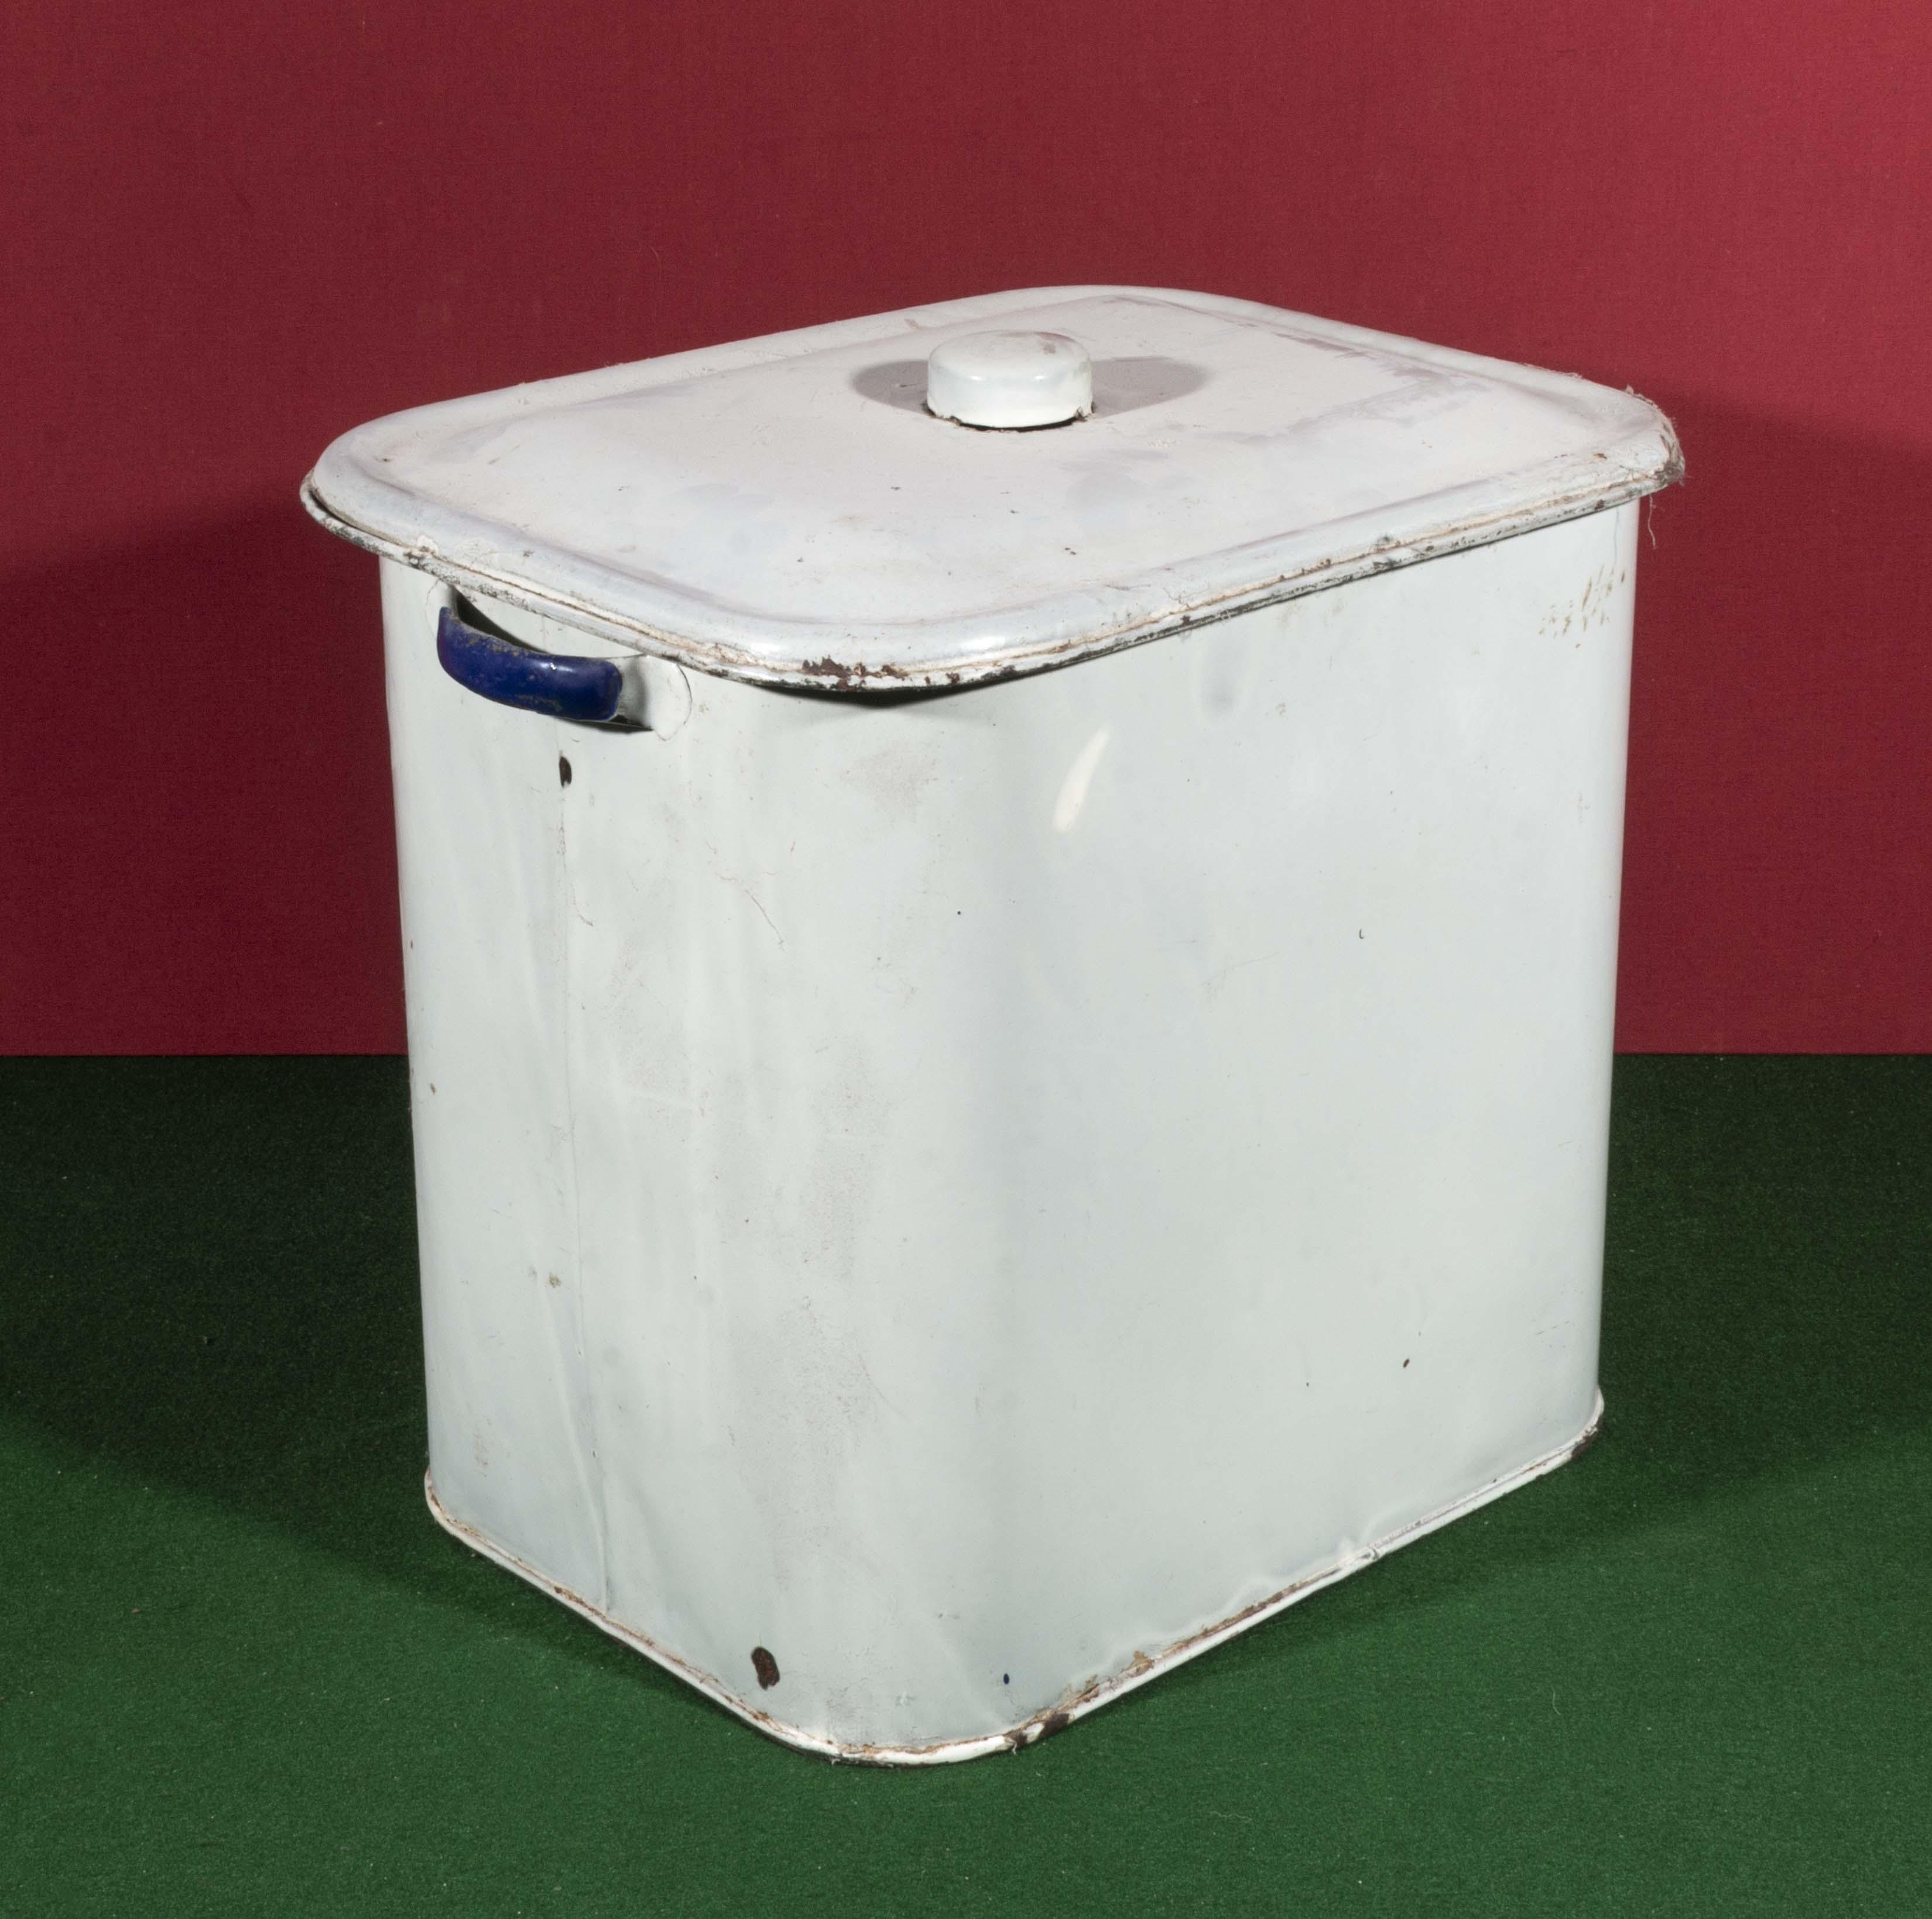 Lot 21 - An enamel bread bin